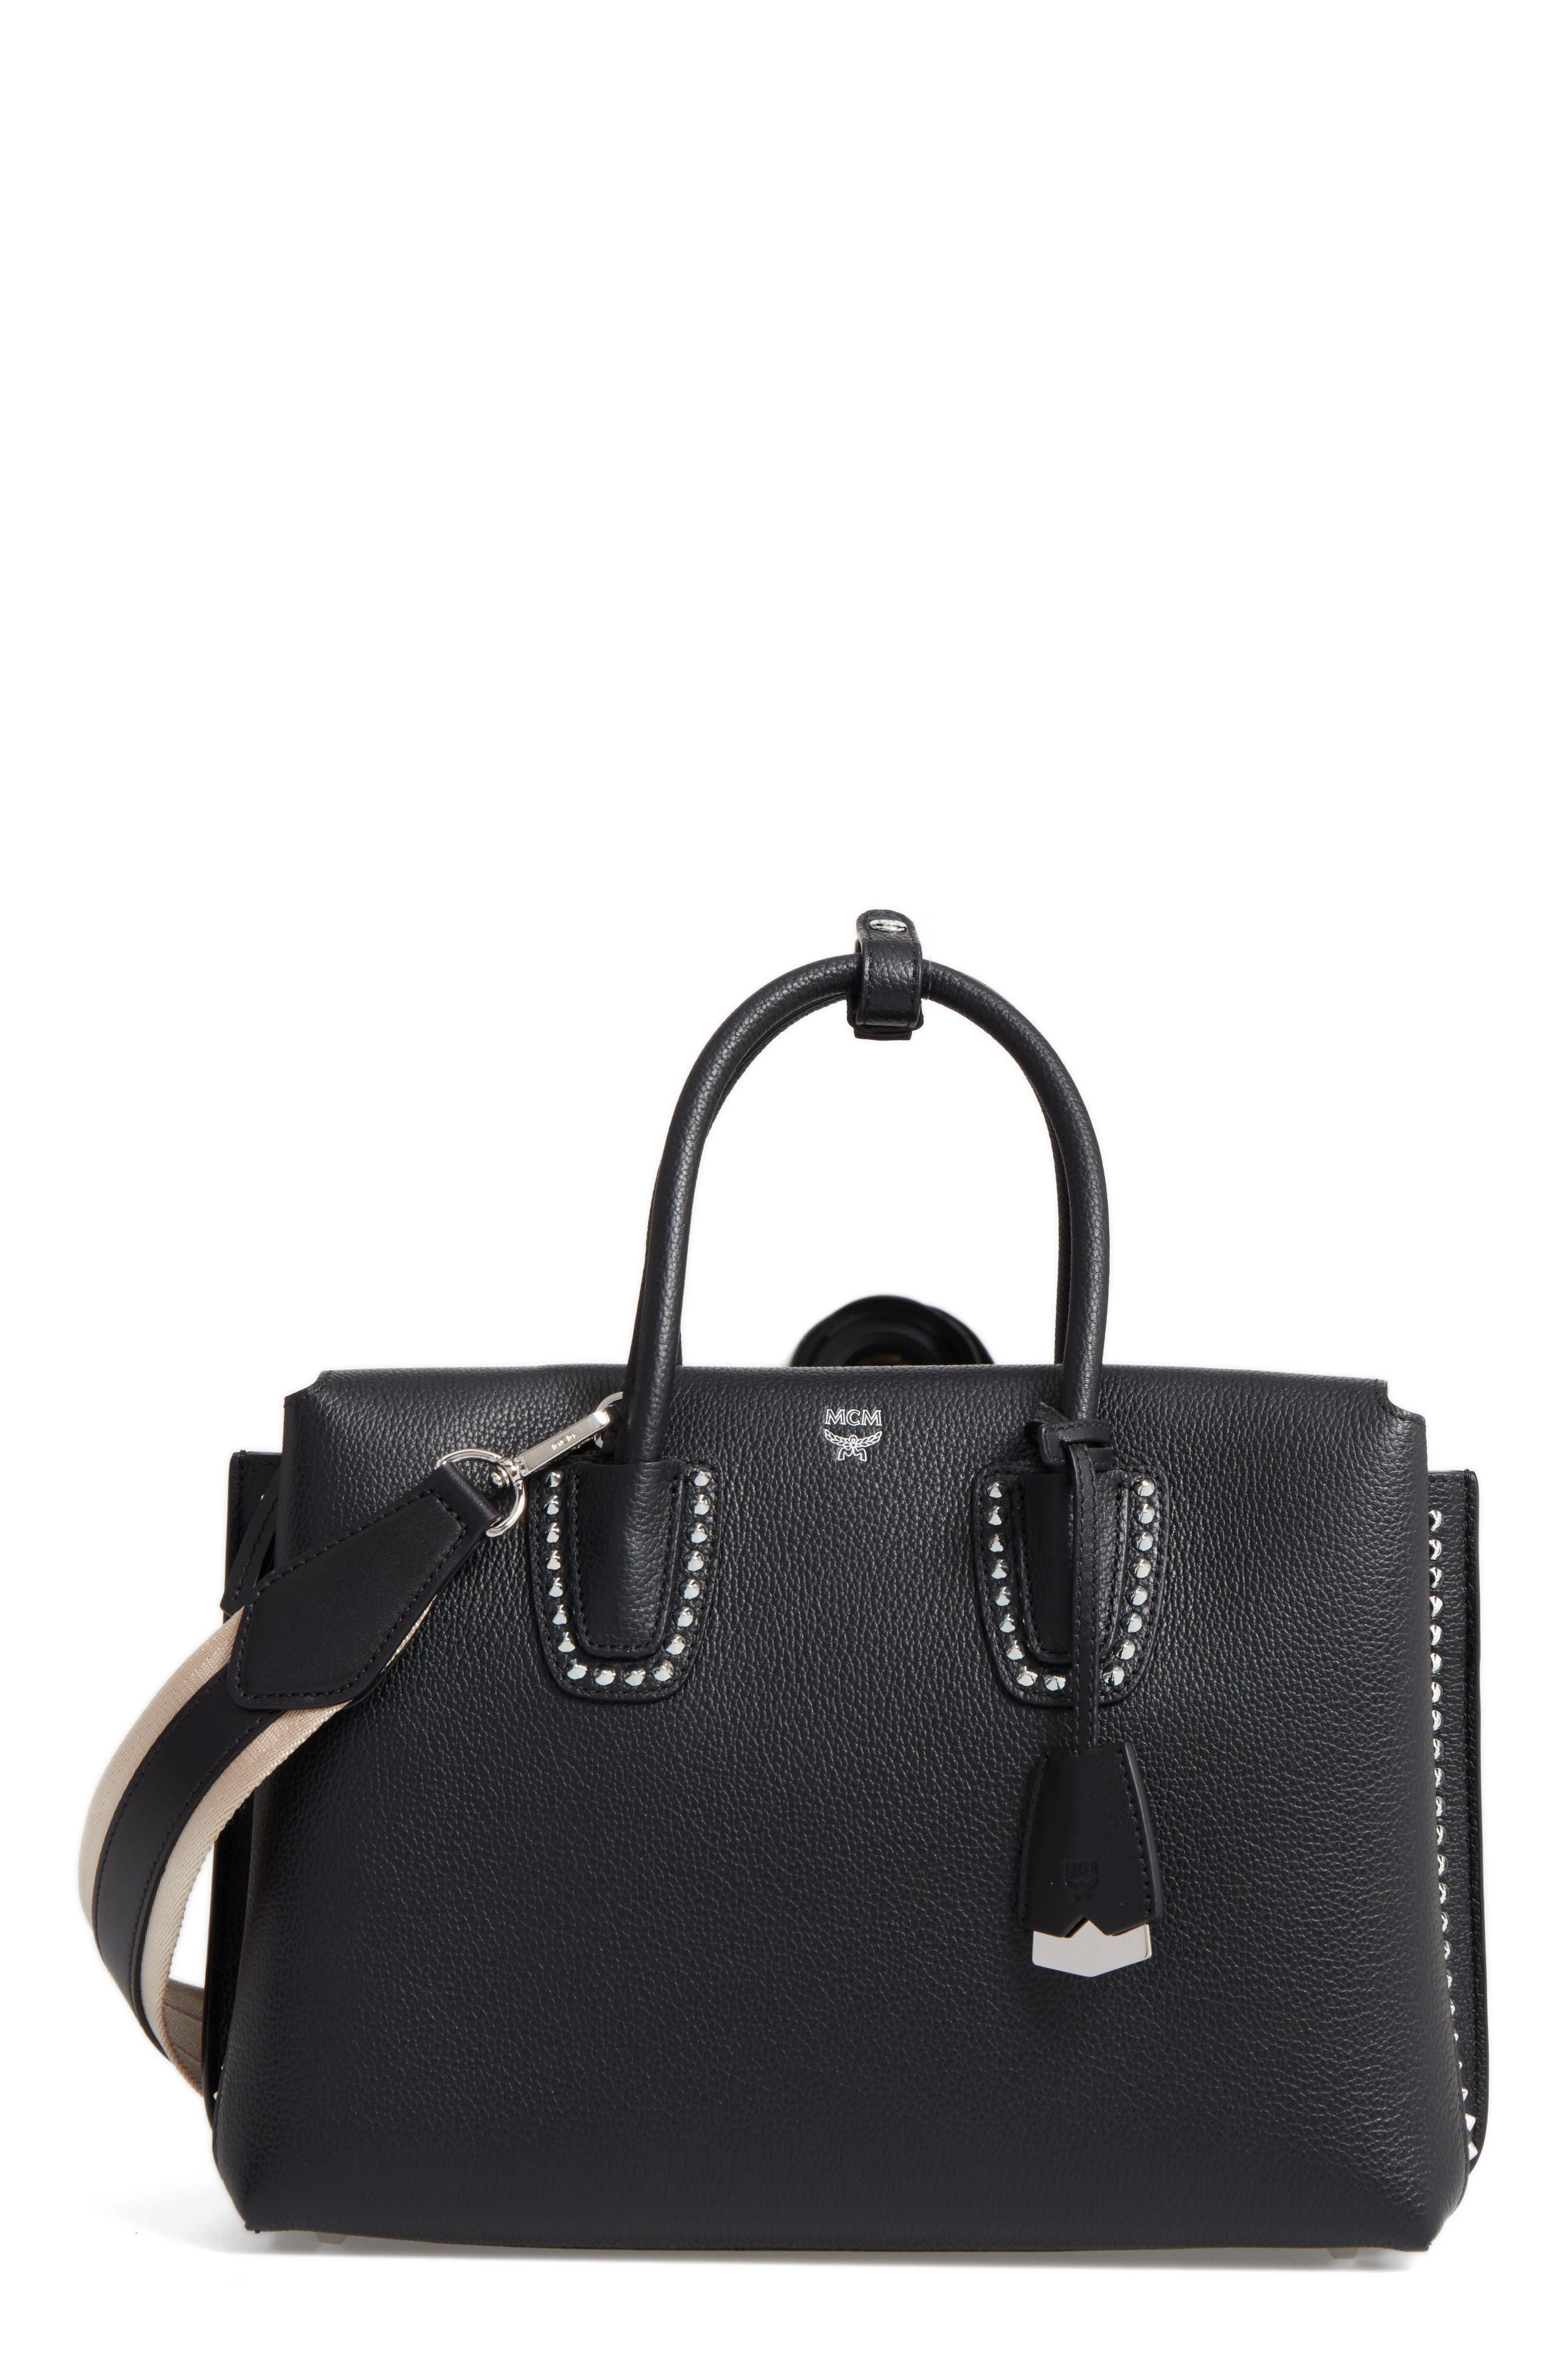 Main Image - MCM Medium Milla Studded Leather Tote